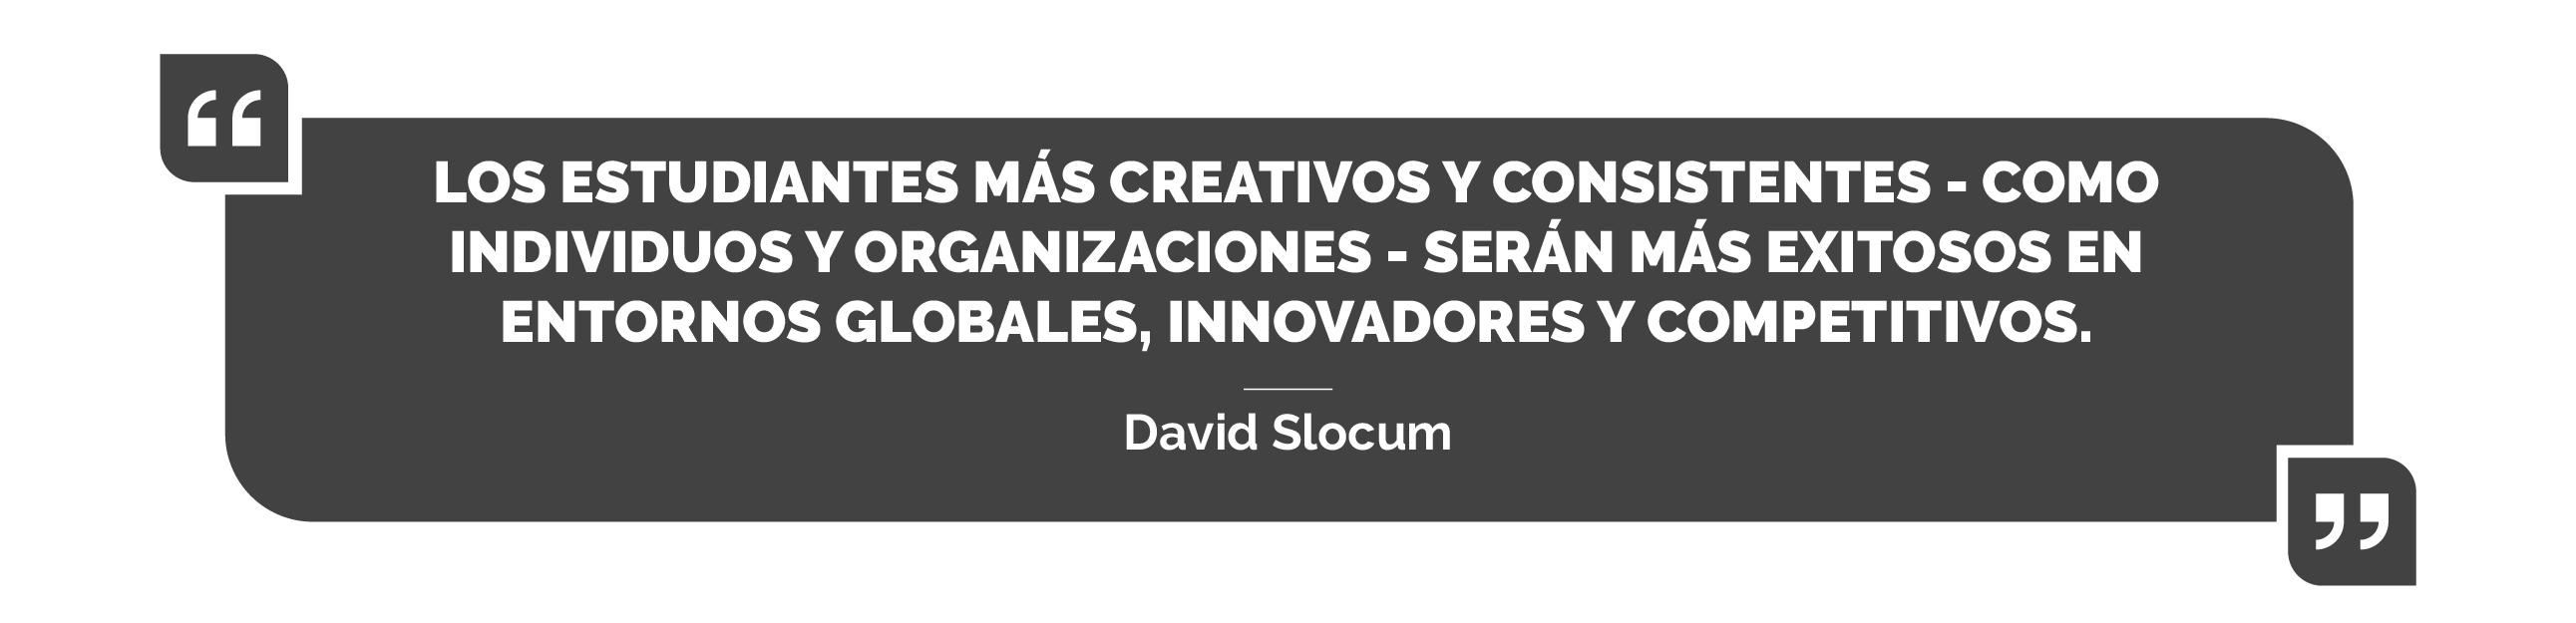 QUOTES DAVID SLOCUM-02